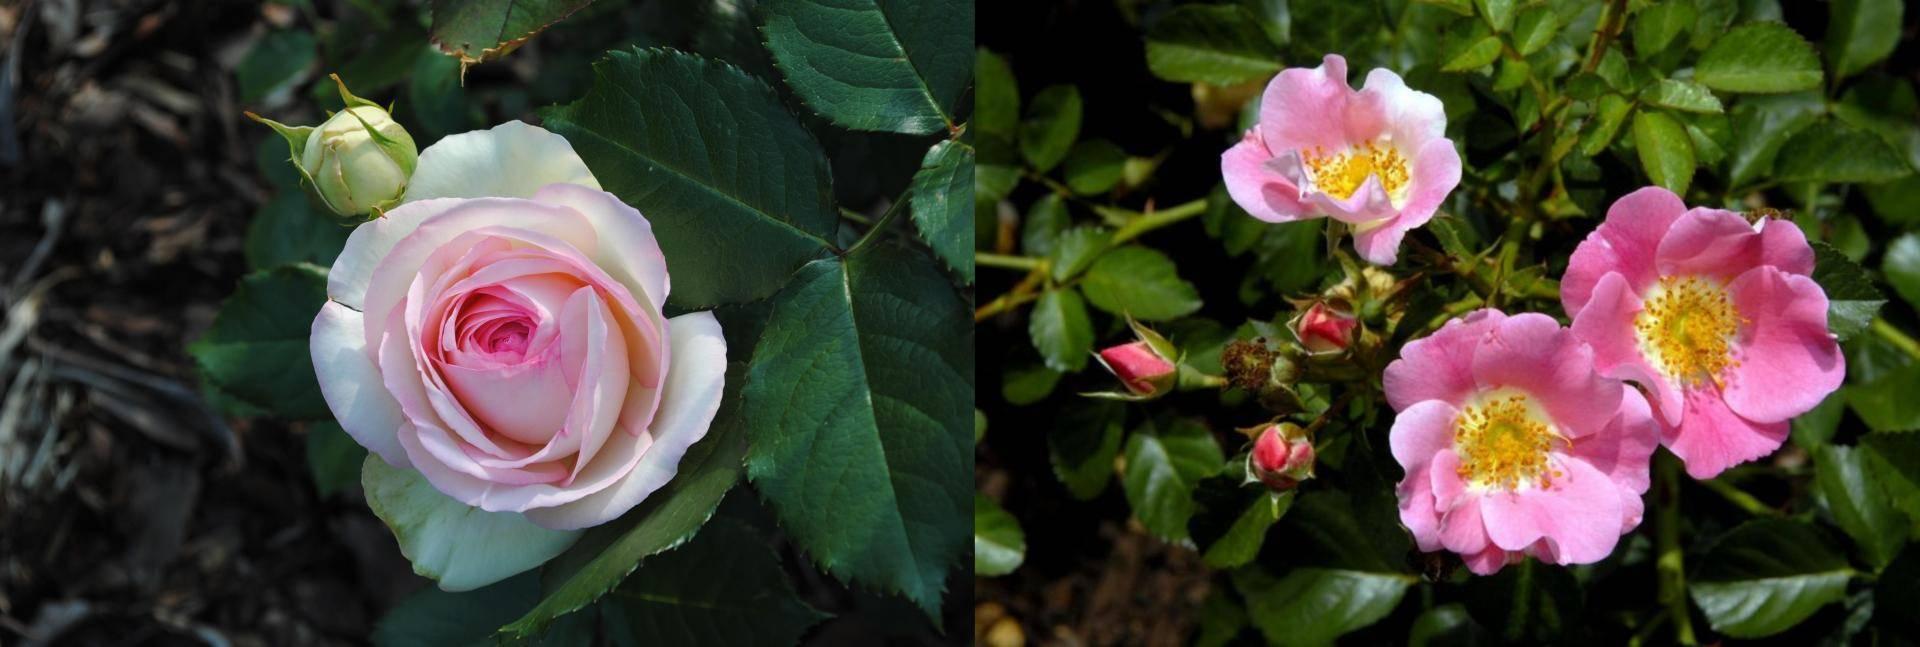 Роза переросла в шиповник что делать